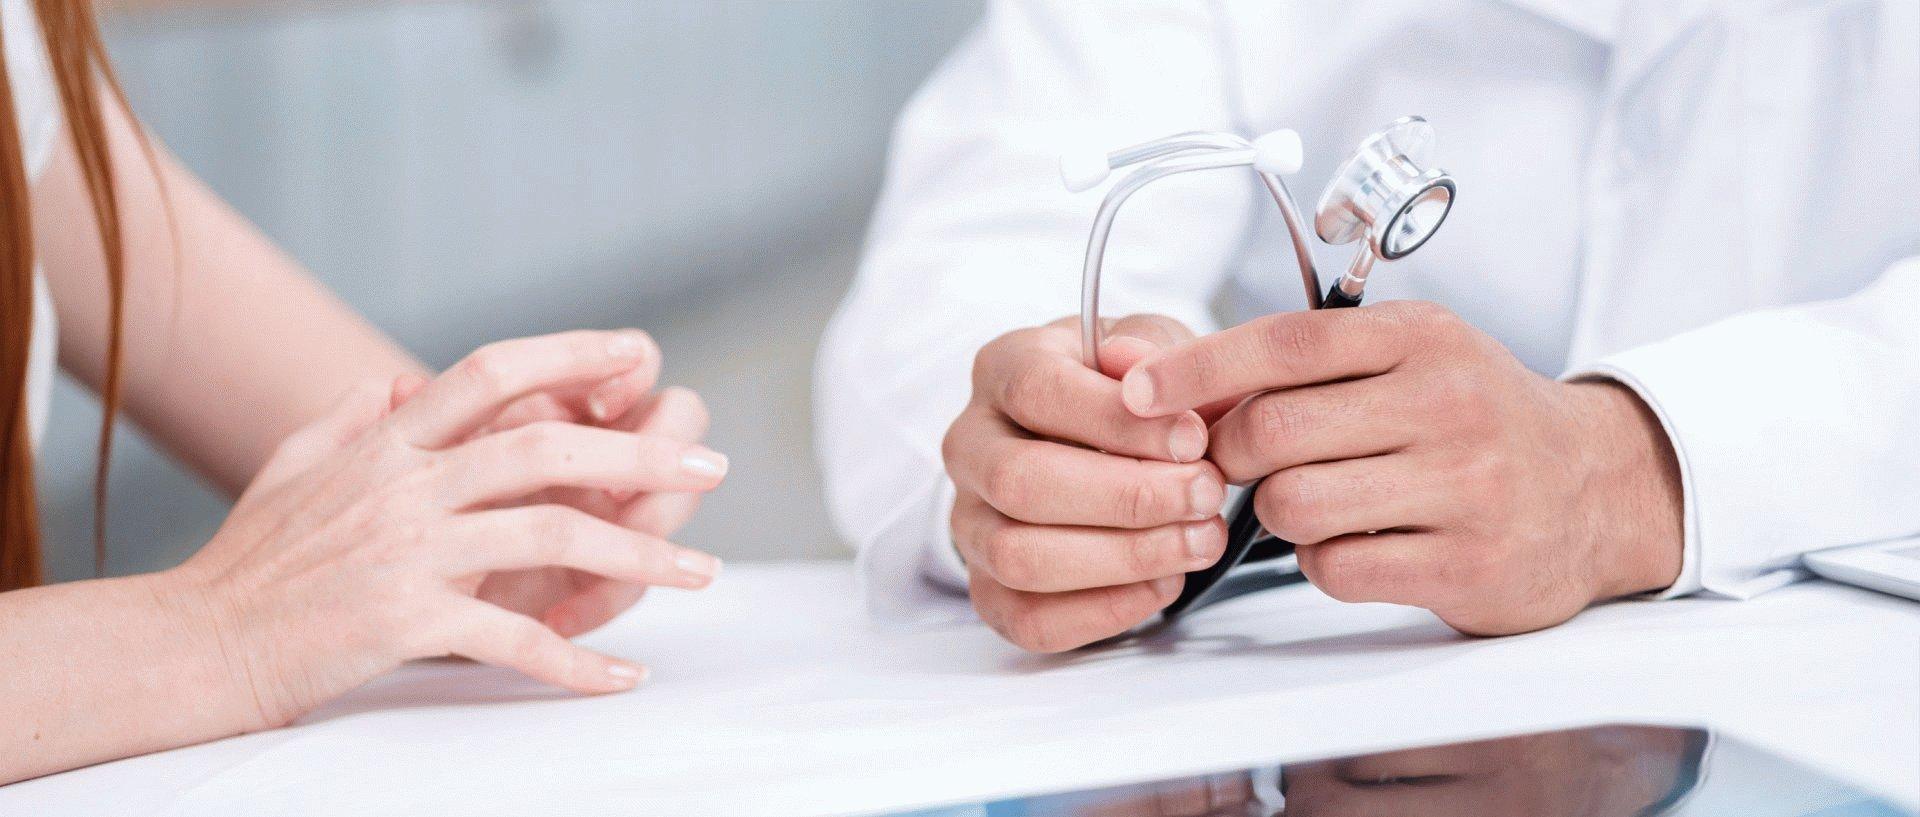 Описторхоз — причины, симптомы, диагностика и лечение